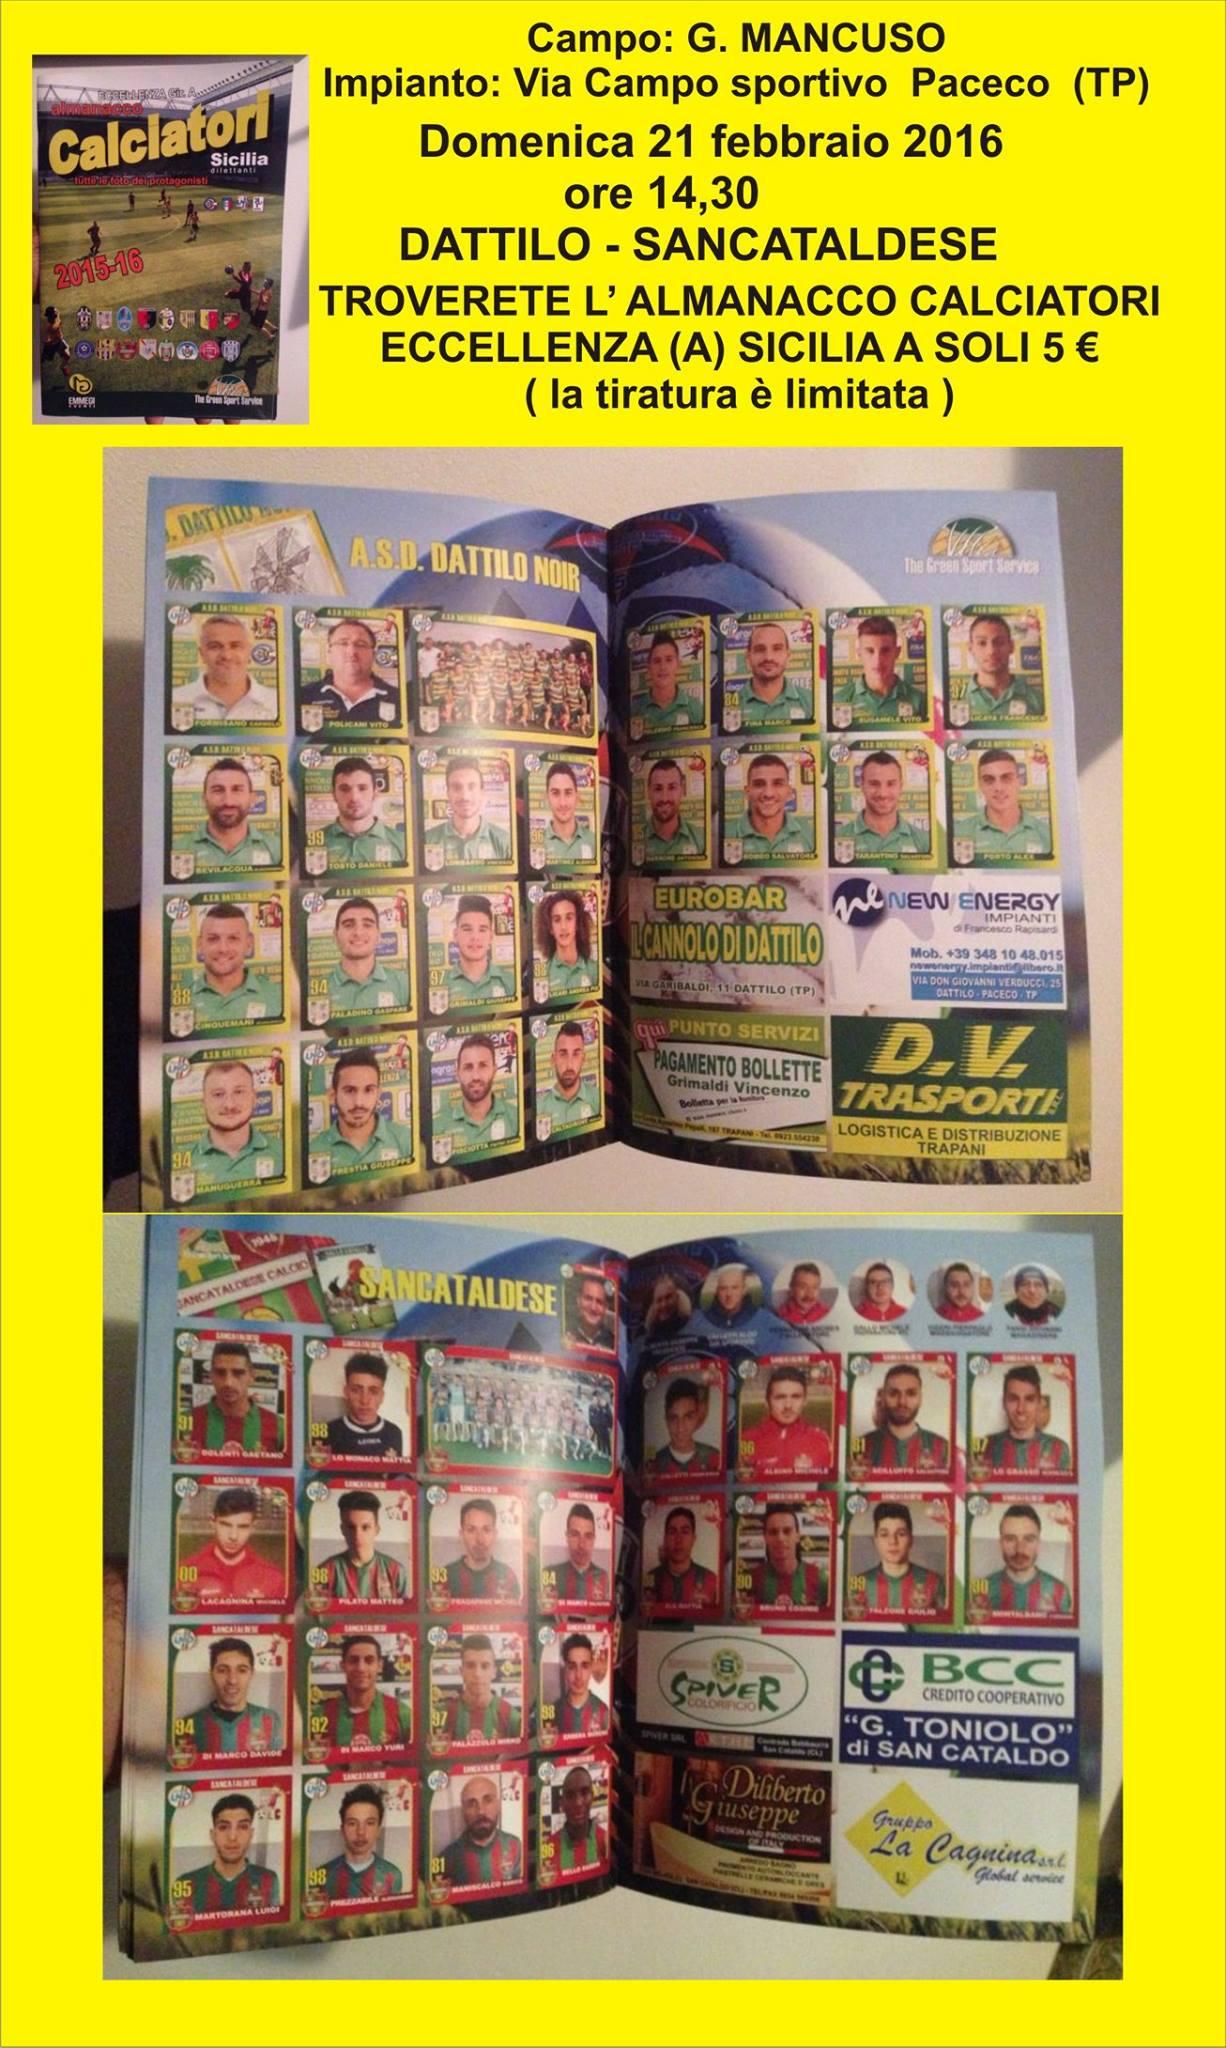 l'almanacco calciatori eccellenza